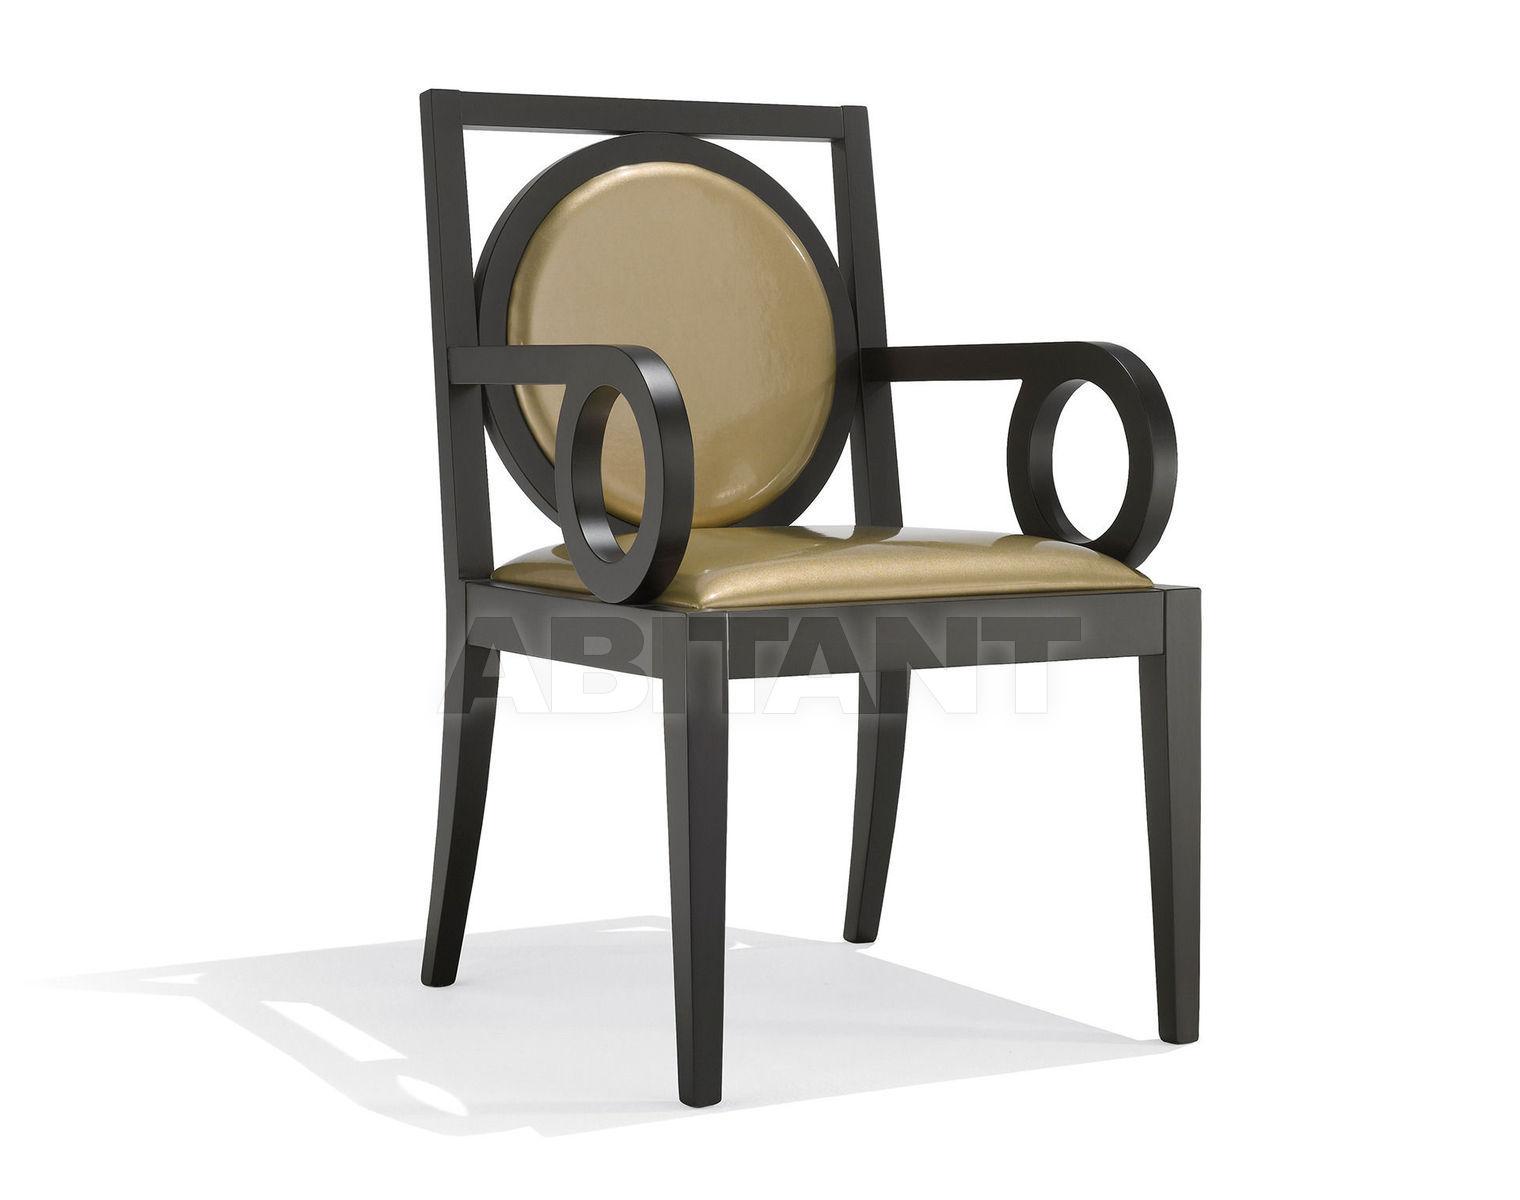 Купить Стул с подлокотниками Fedele Chairs Srl Anteprima DESK_P